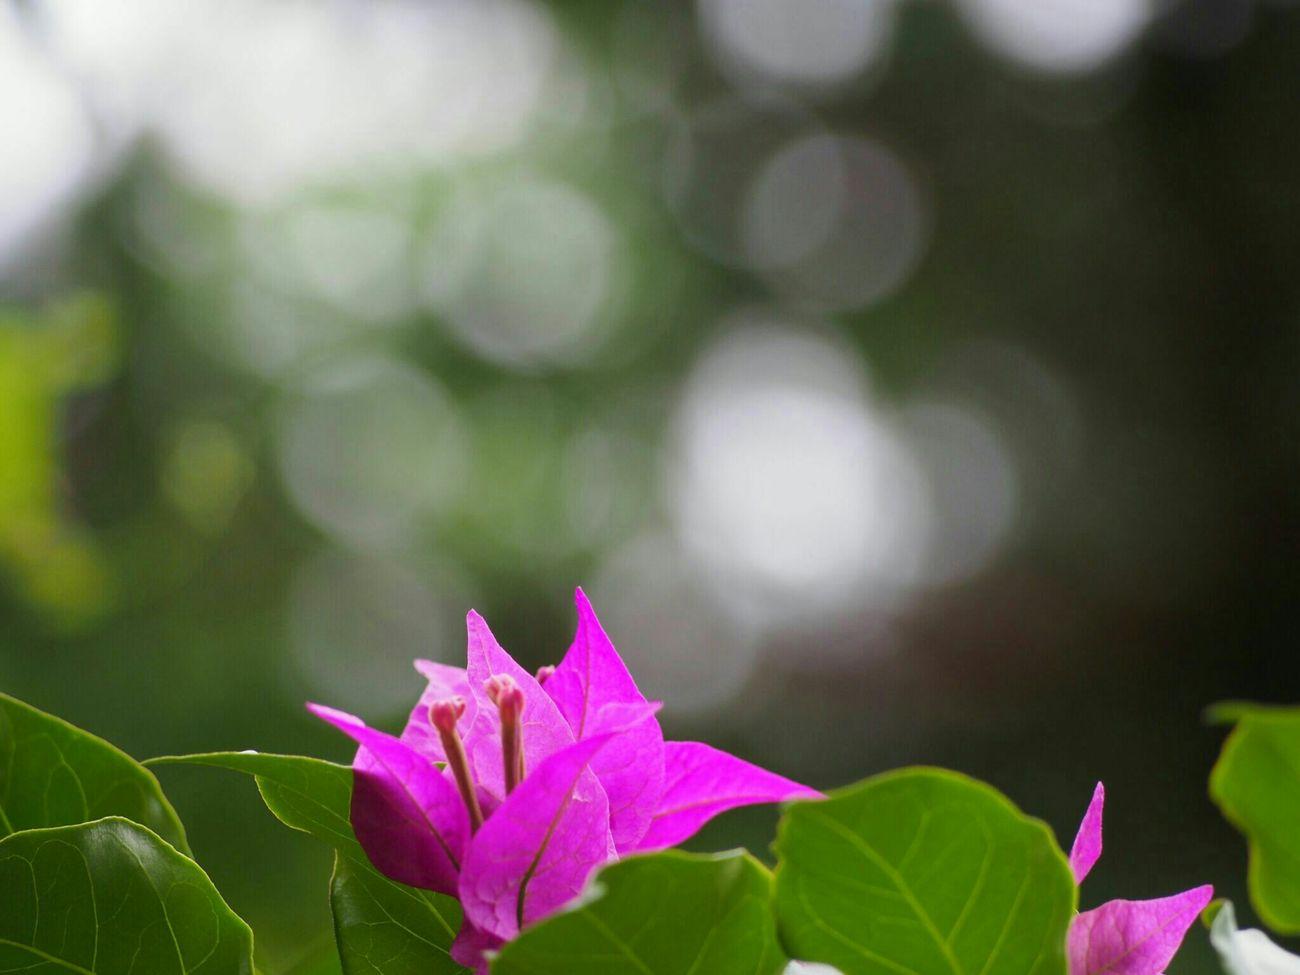 おはようございます😊…眠いです Flower ブーゲンビリア Eye Em Nature Lover EyeEm Best Shots Flower Collection 玉ボケ